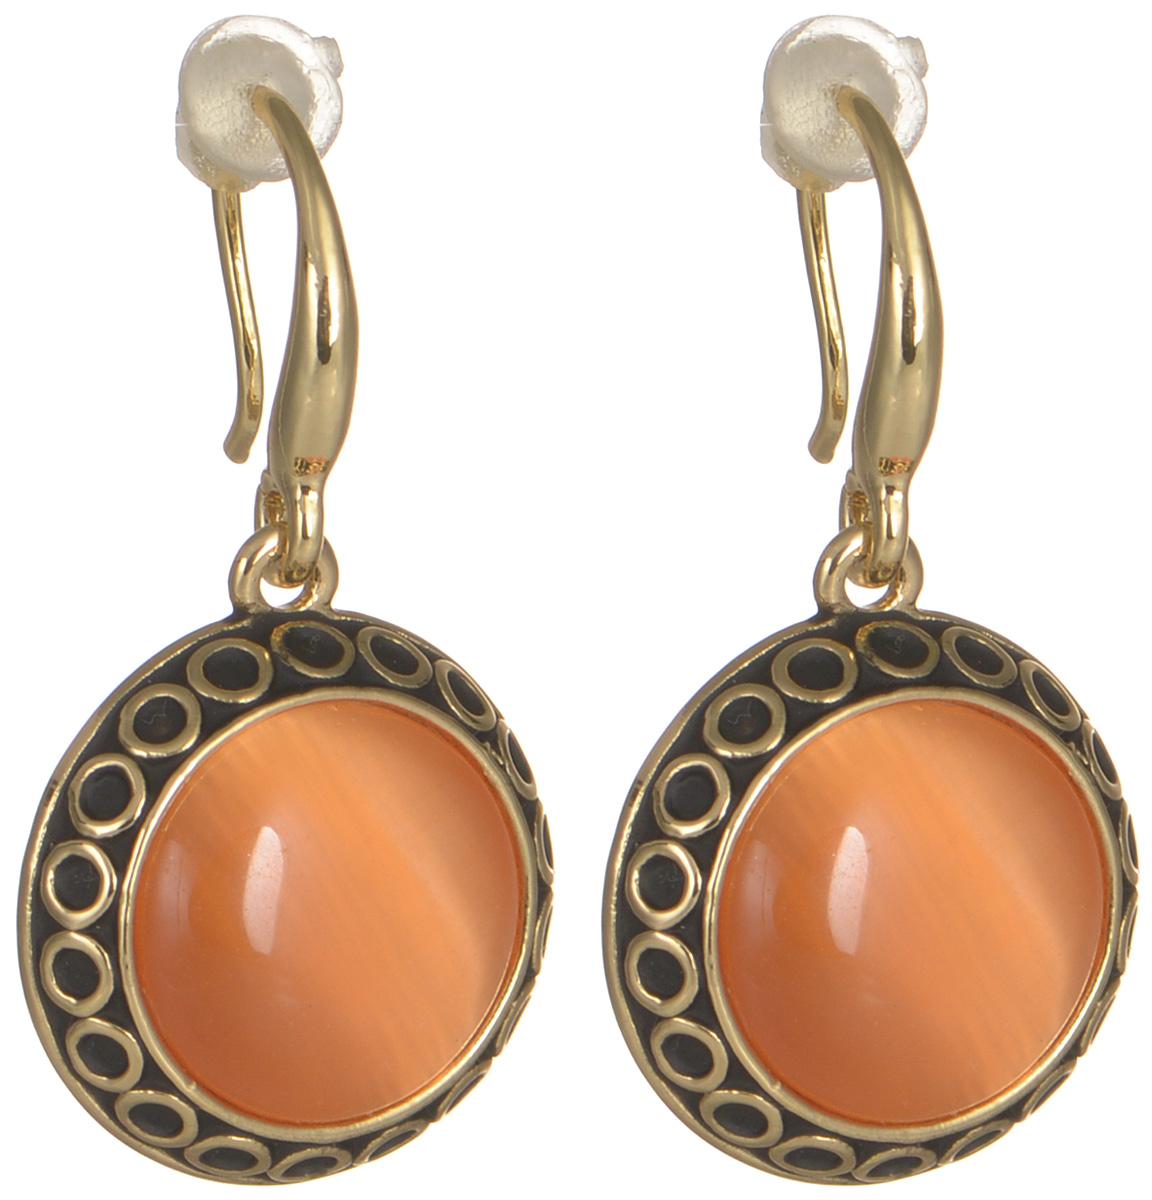 Серьги женские Fashion House, цвет: золото, рыжий. FH29912FH29912Серьги Fashion House выполнены из металла с позолотой и чернением, инкрустированы яркими искусственными камнями. Дизайн этого изделия отличается классическими и аристократичными чертами. Аккуратная форма, блеск прозрачных камней и удобные замочки-петли - все это сошлось воедино в одном украшении. Эти серьги - прекрасный выбор, если вы хотите выглядеть женственно и элегантно, но при этом вам нужно создать повседневный образ.